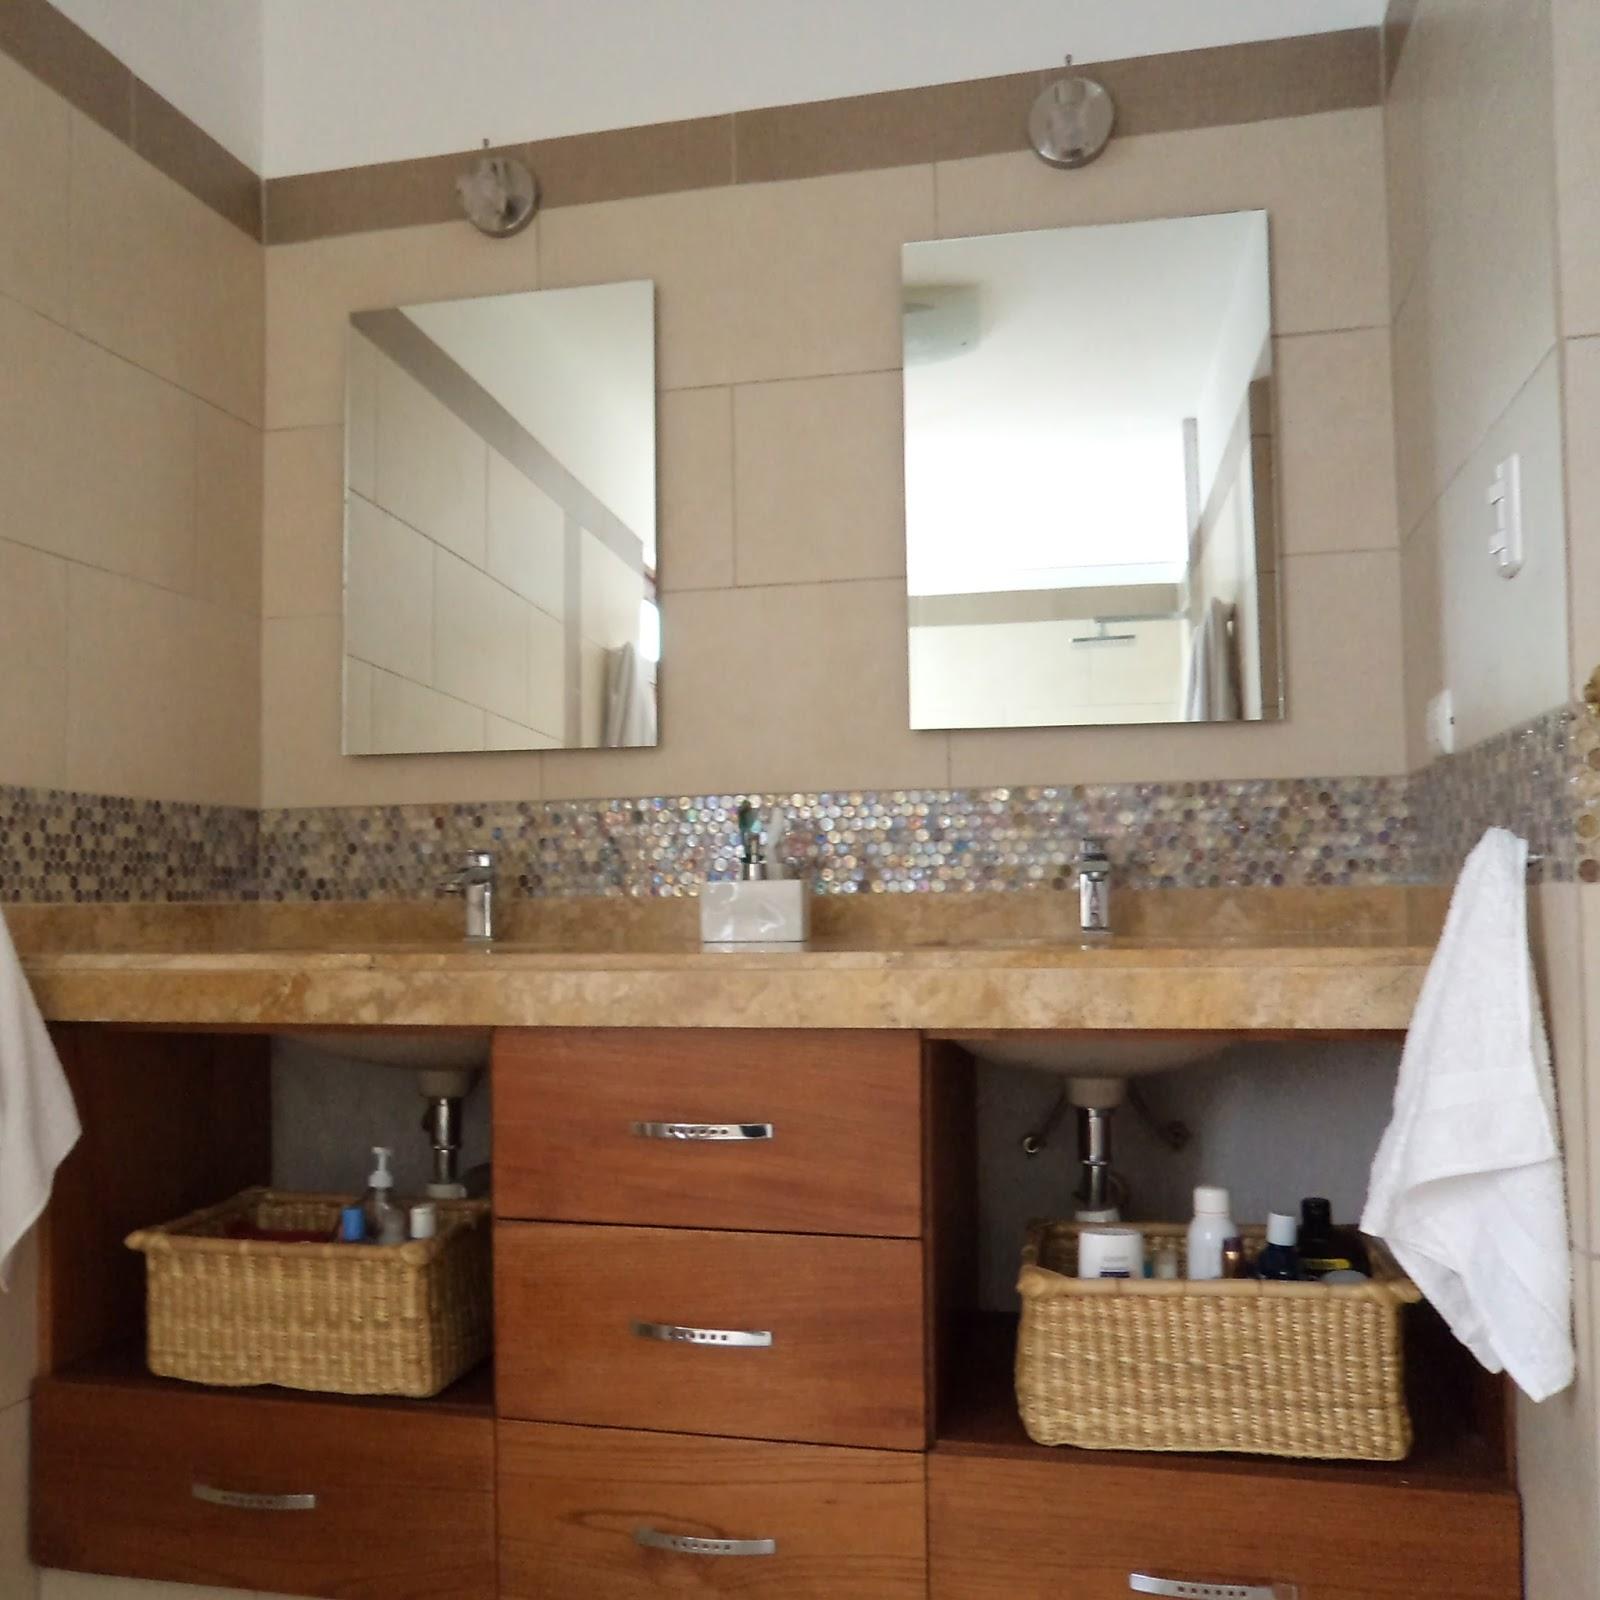 Diseno De Baño De Visitas:Baños principales, de visitas, duchas y lavaderos, todos diseñados